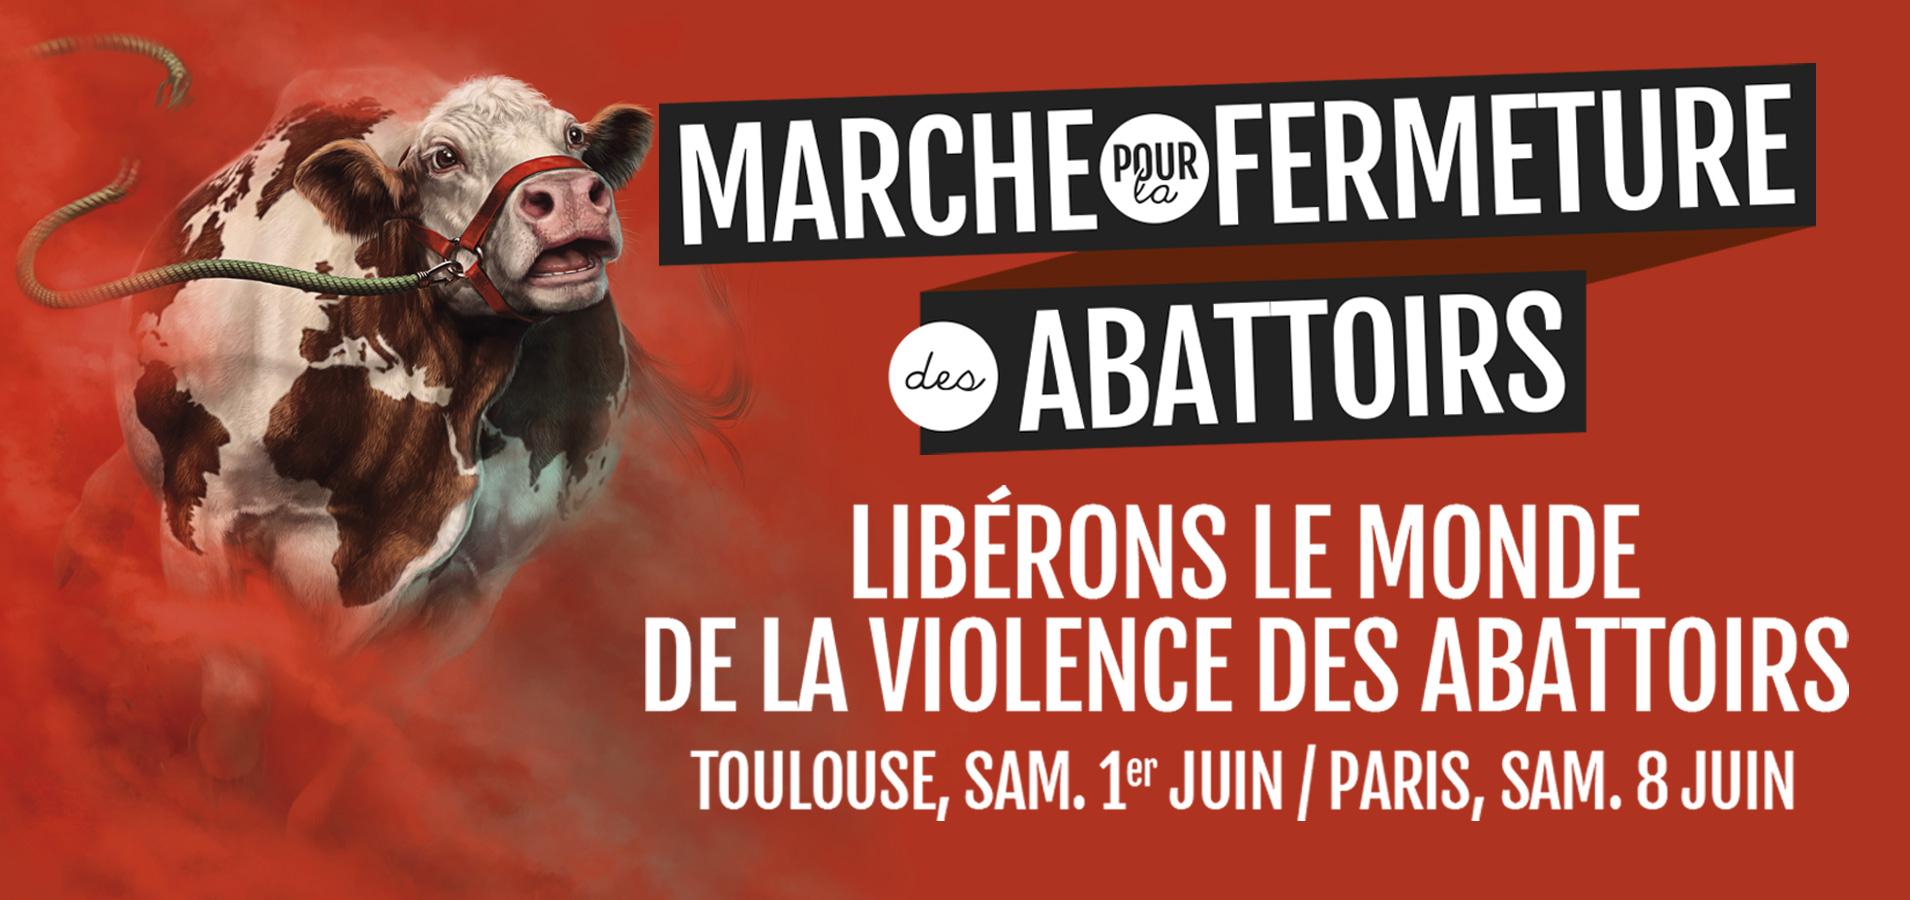 Citations Marche Pour La Fermeture Des Abattoirs